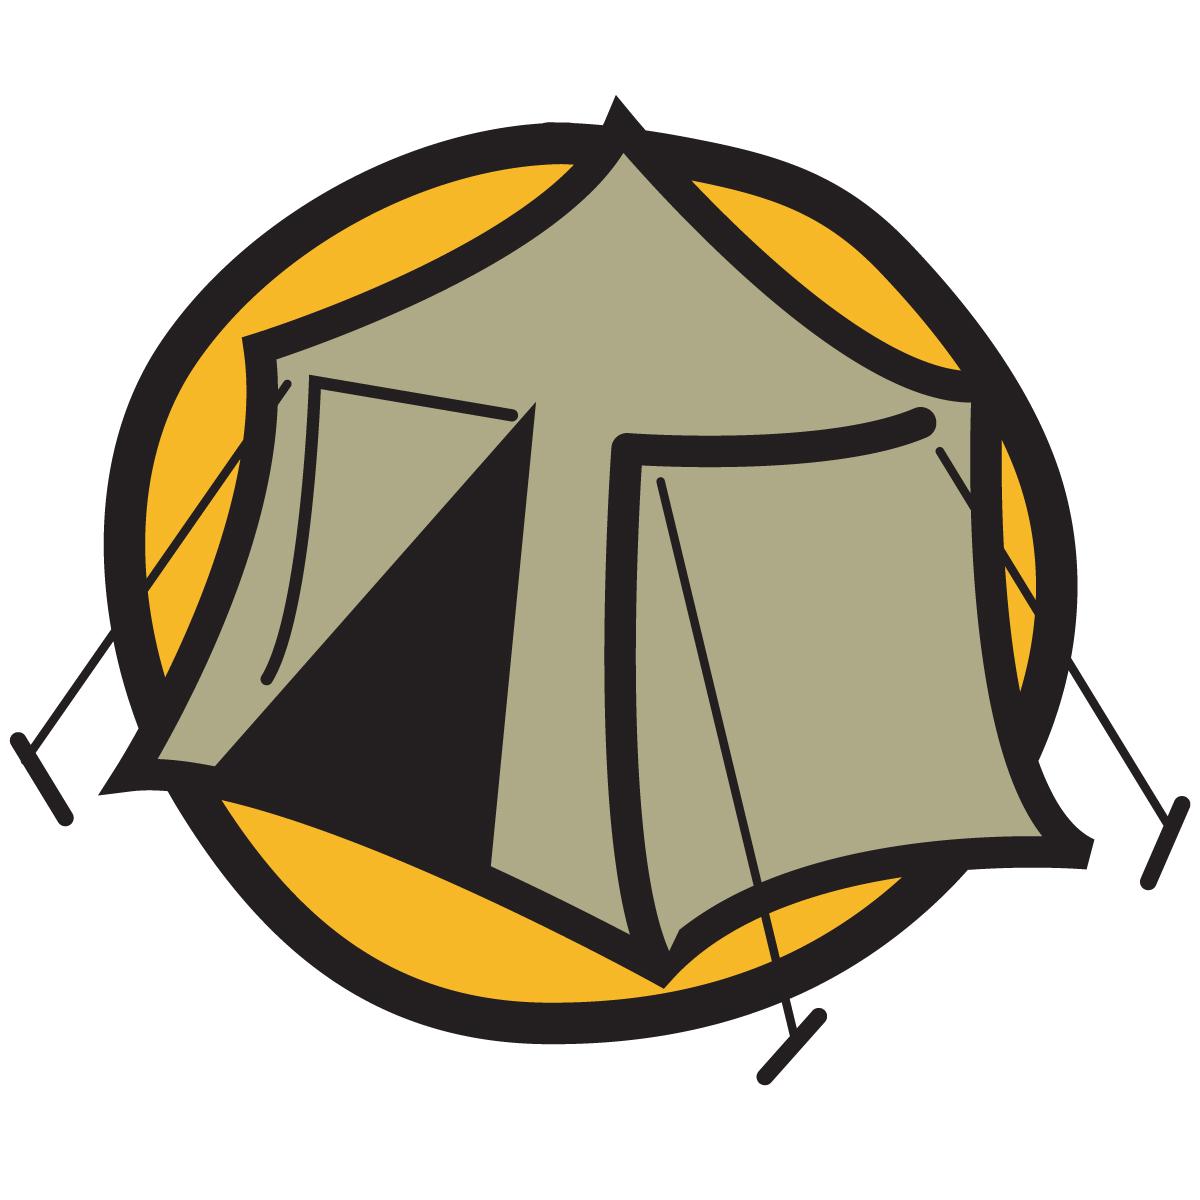 1200x1200 Top 60 Tent Clip Art